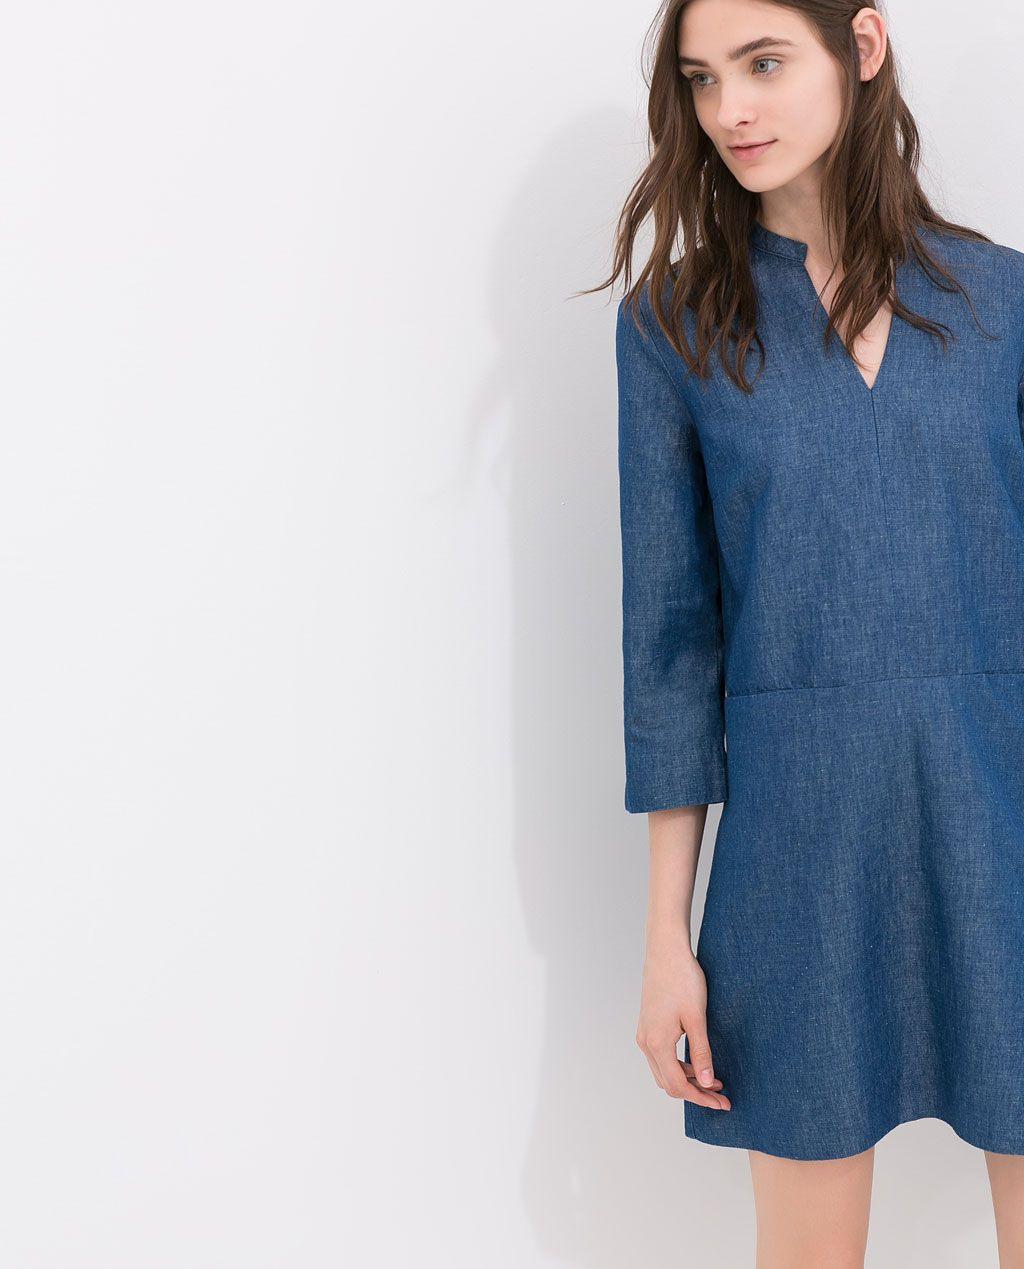 Image 3 Of Denim Shirt Dress From Zara Met Afbeeldingen